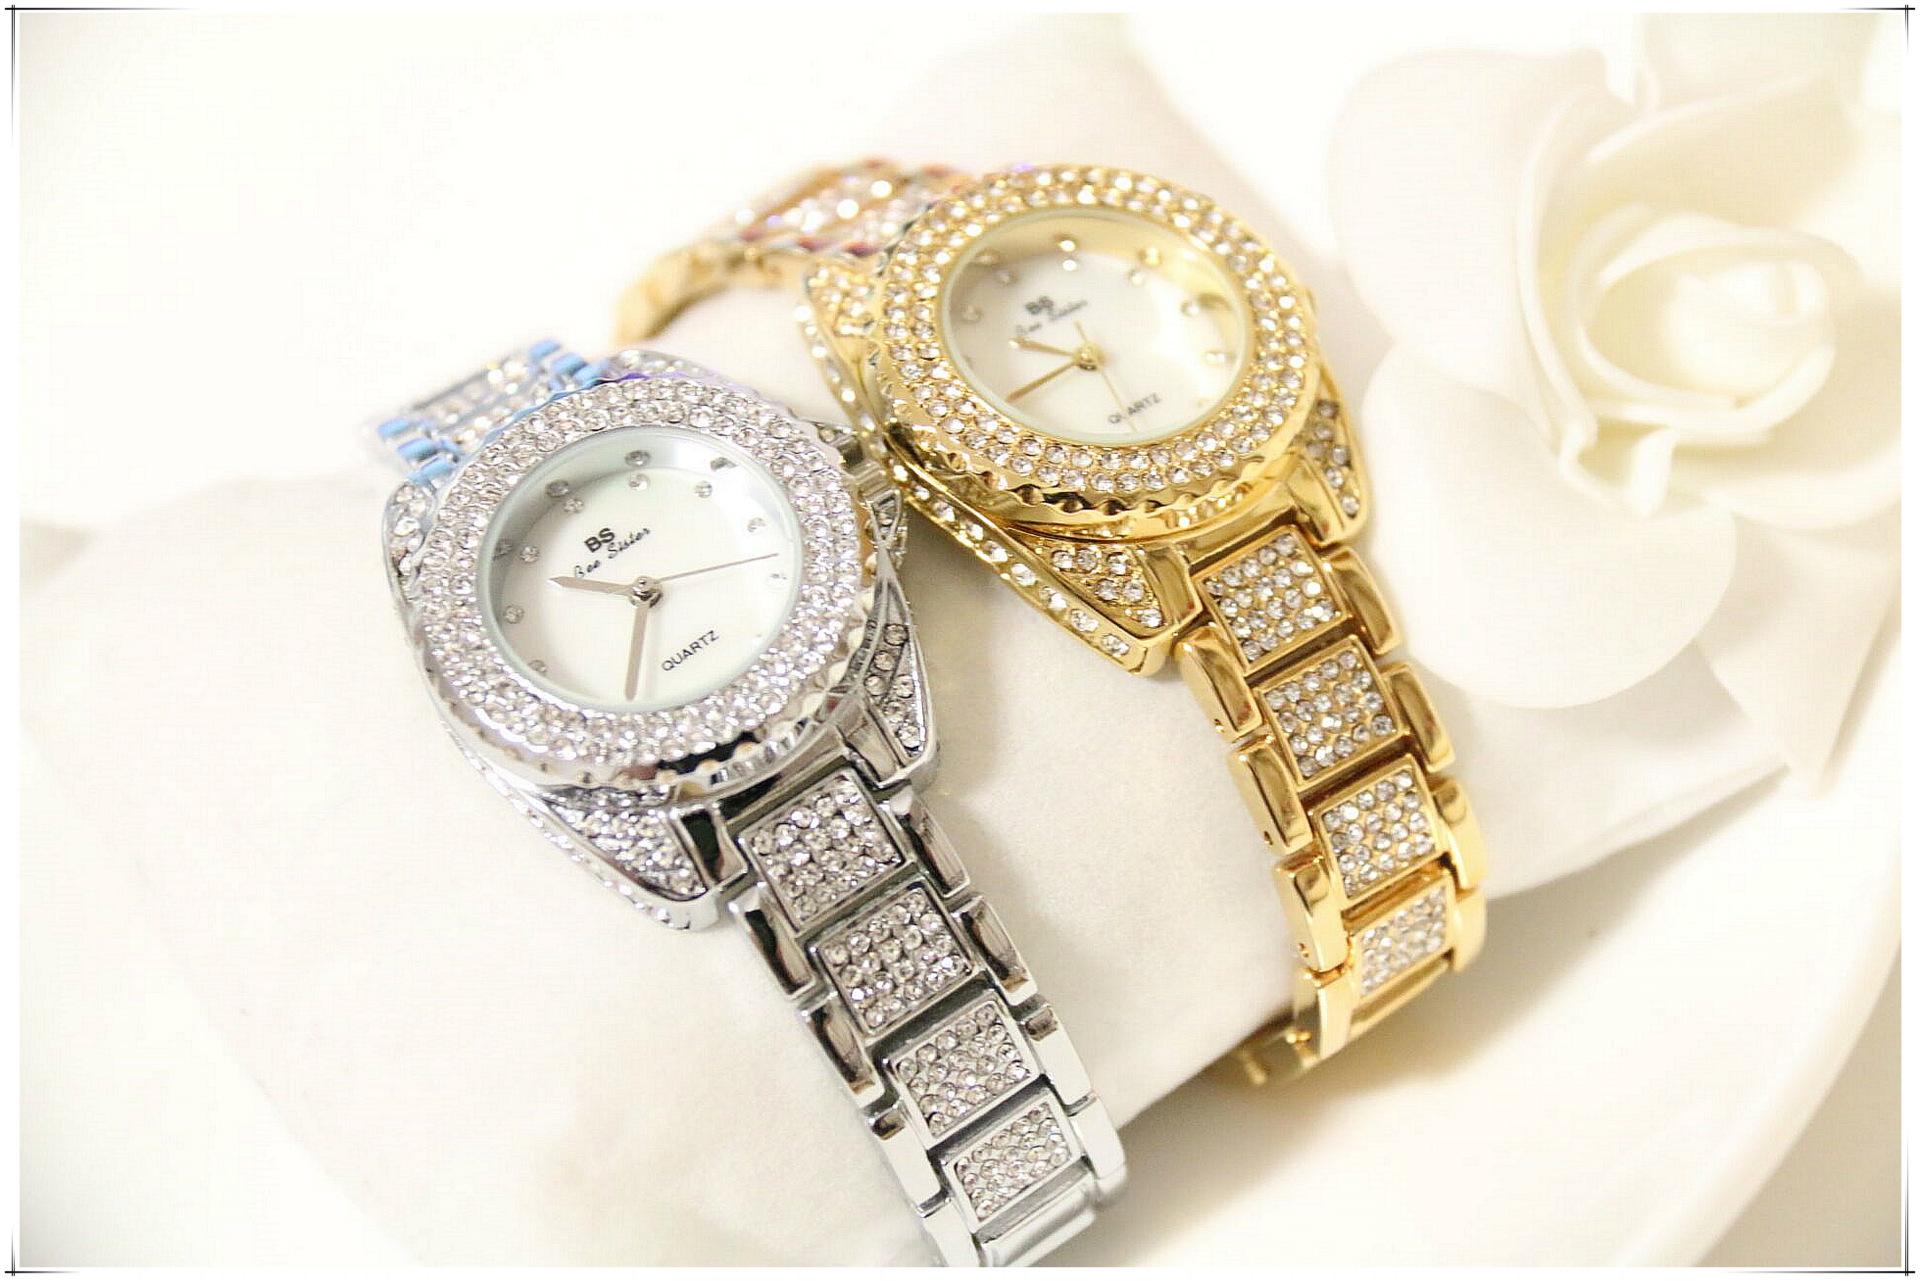 BS марка Кристалл Алмаза Прокатки Браслет женские Часы Люксовый Бренд Модные Женские Часы Женщины Кварцевые часы Часы FA1141